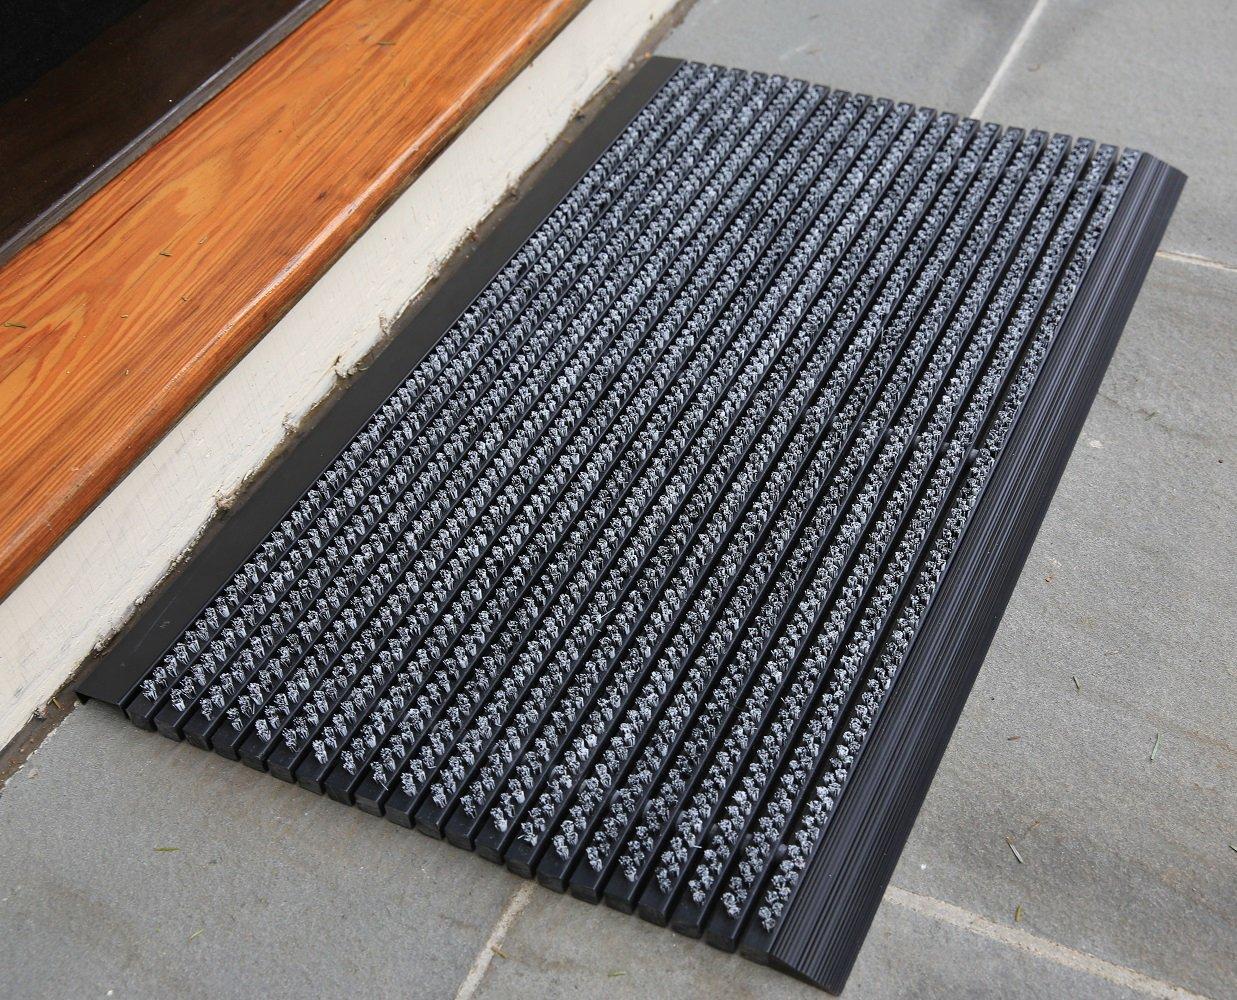 Amazon.com : Mats World's Best Outdoor Mat, Black : Garden & Outdoor